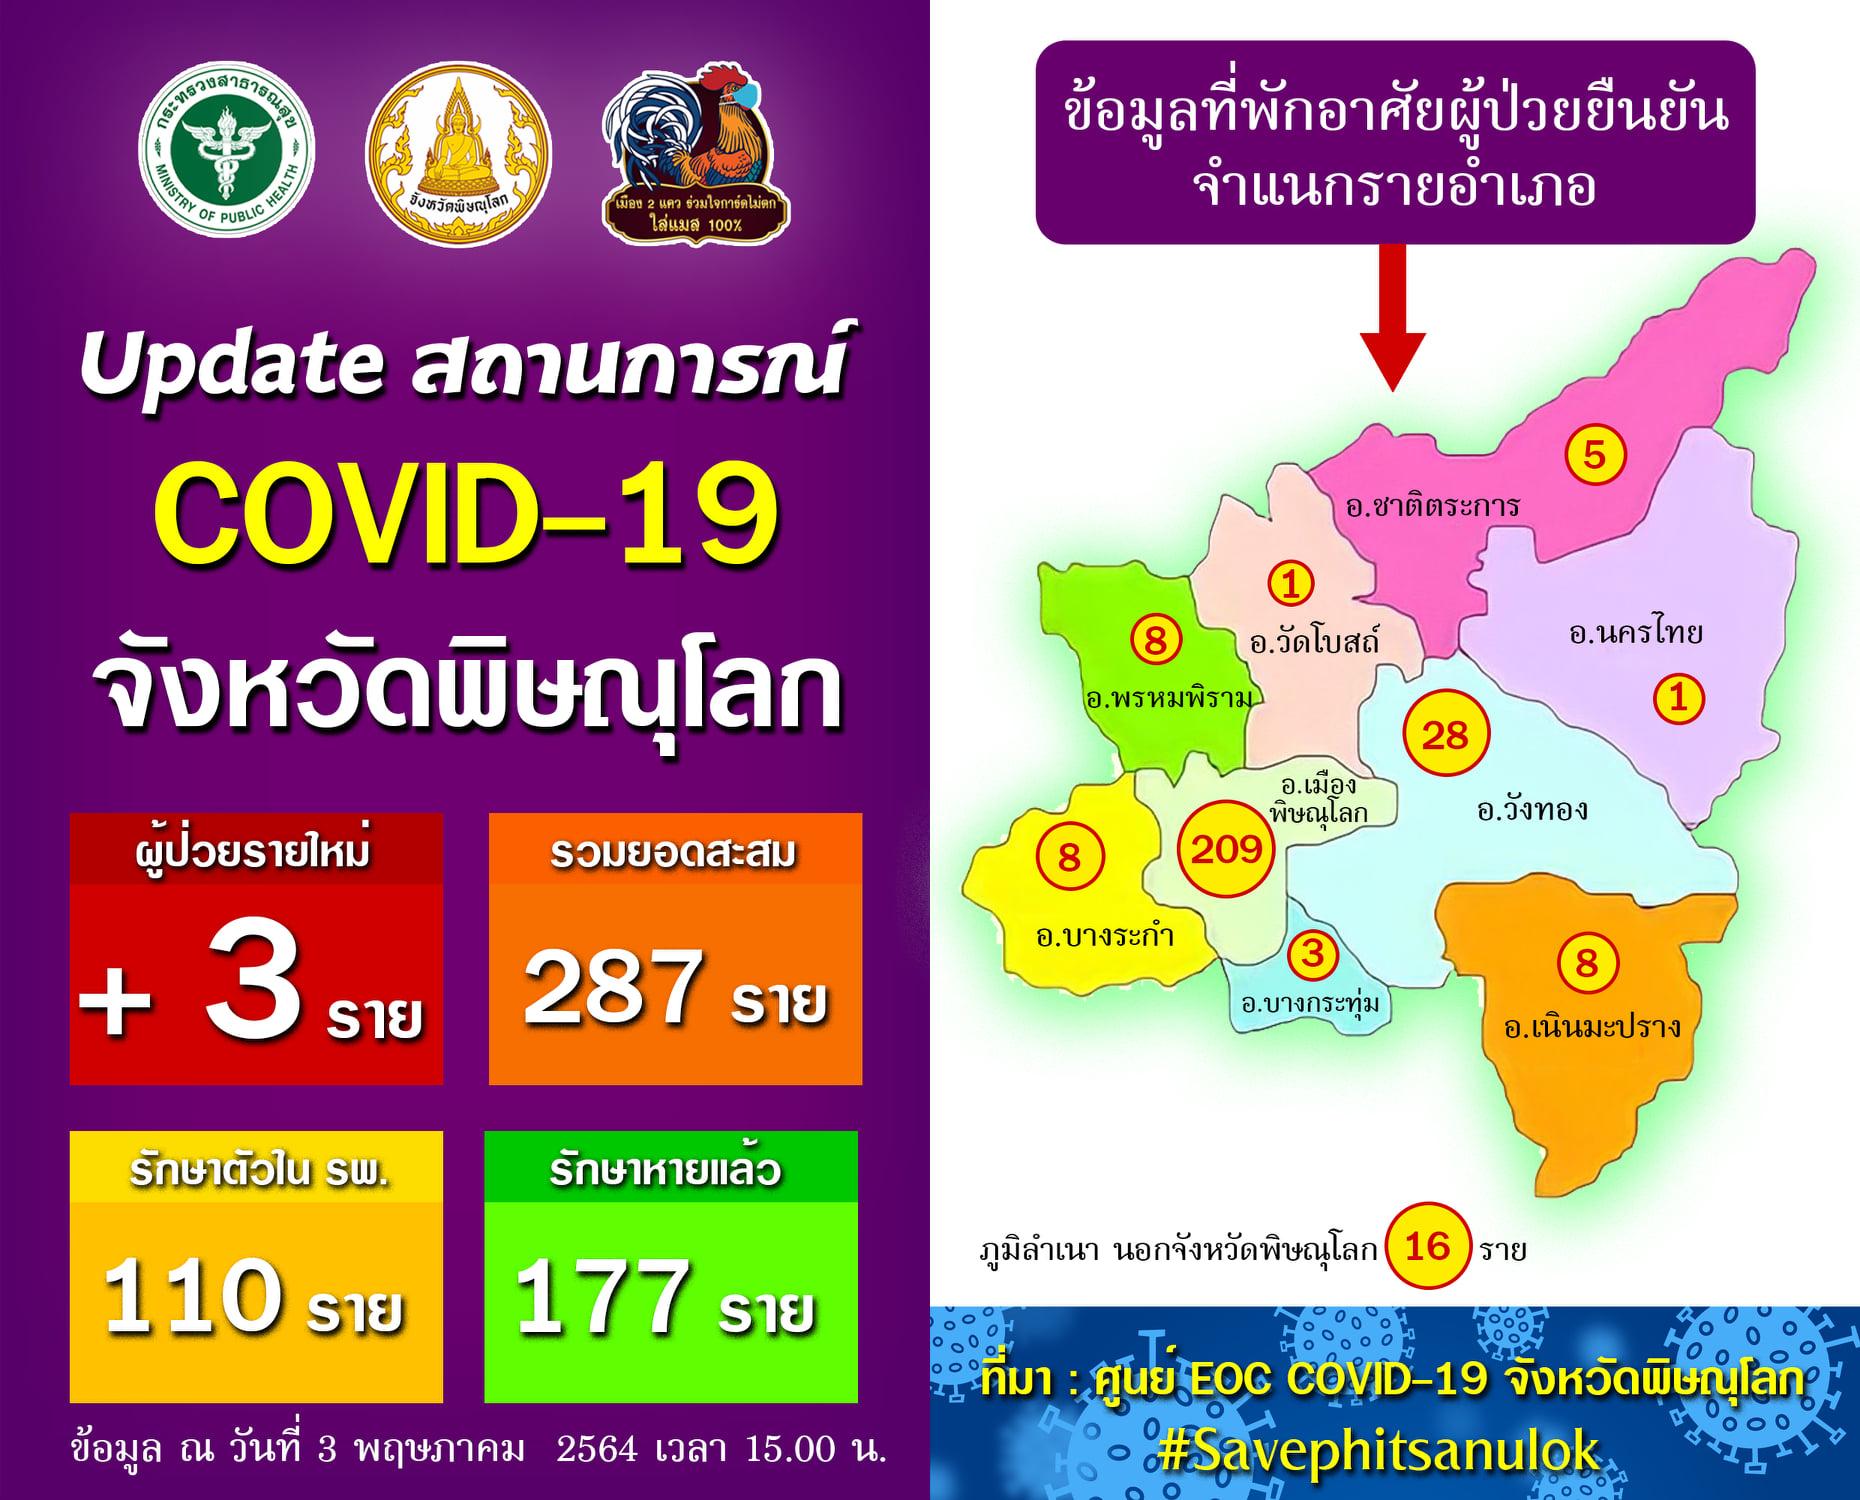 สถานการณ์โควิด-19 จังหวัดพิษณุโลก วันที่ 3 พฤษภาคม 2564